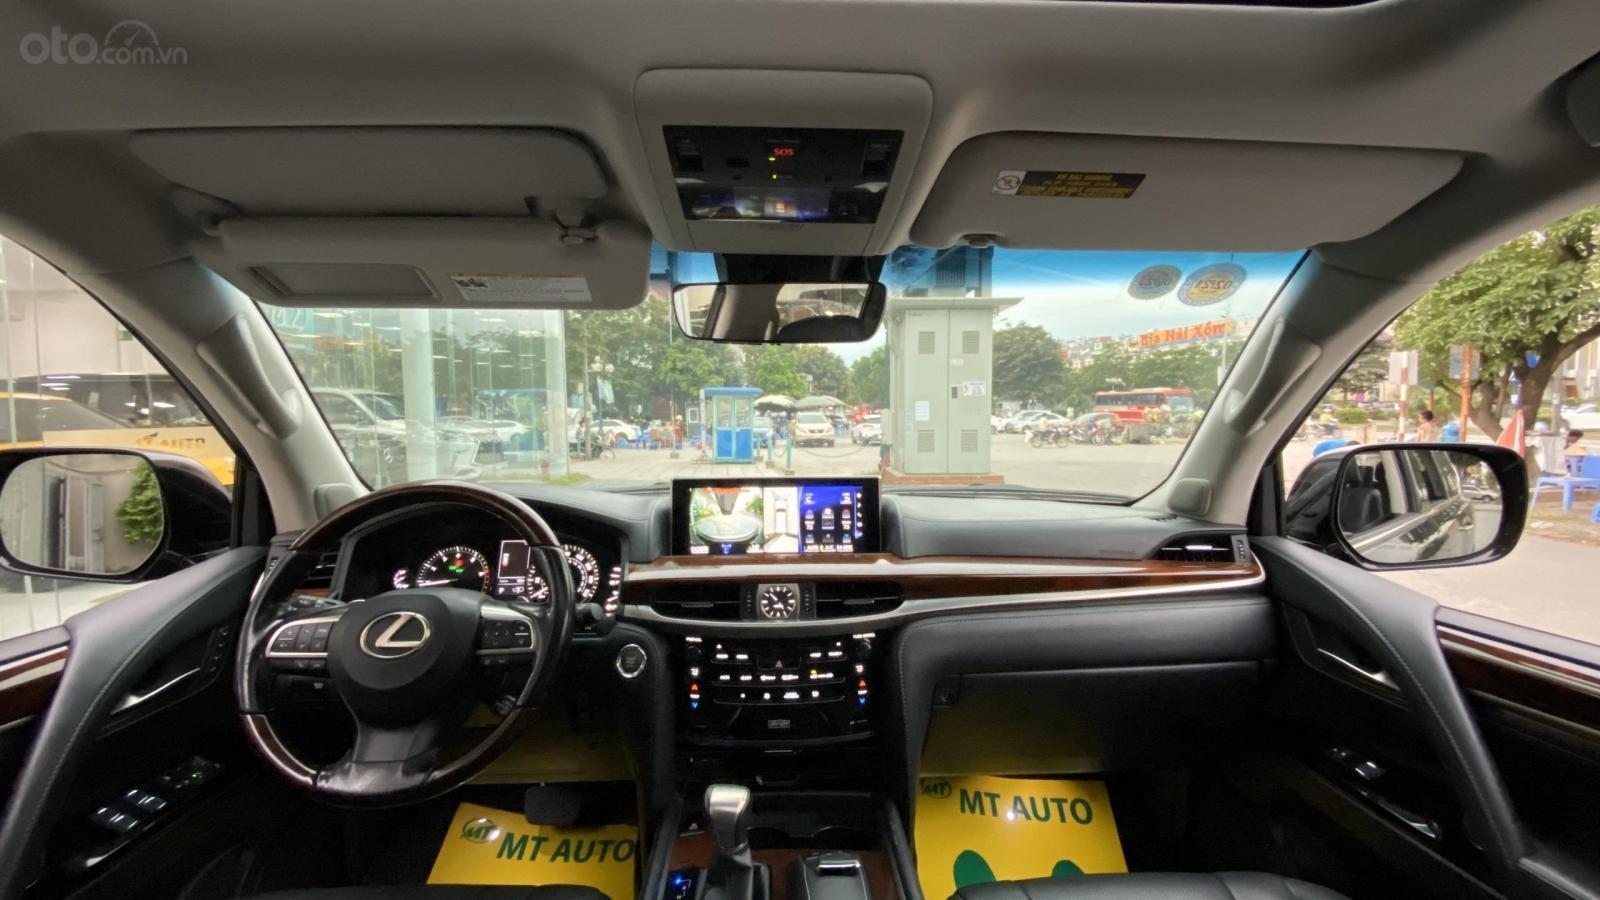 Bán xe Lexus LX 570 08 chỗ nhập Mỹ, LH Ms Hương màu đen, sản xuất 2016 giá tốt xe giay toàn quốc (8)